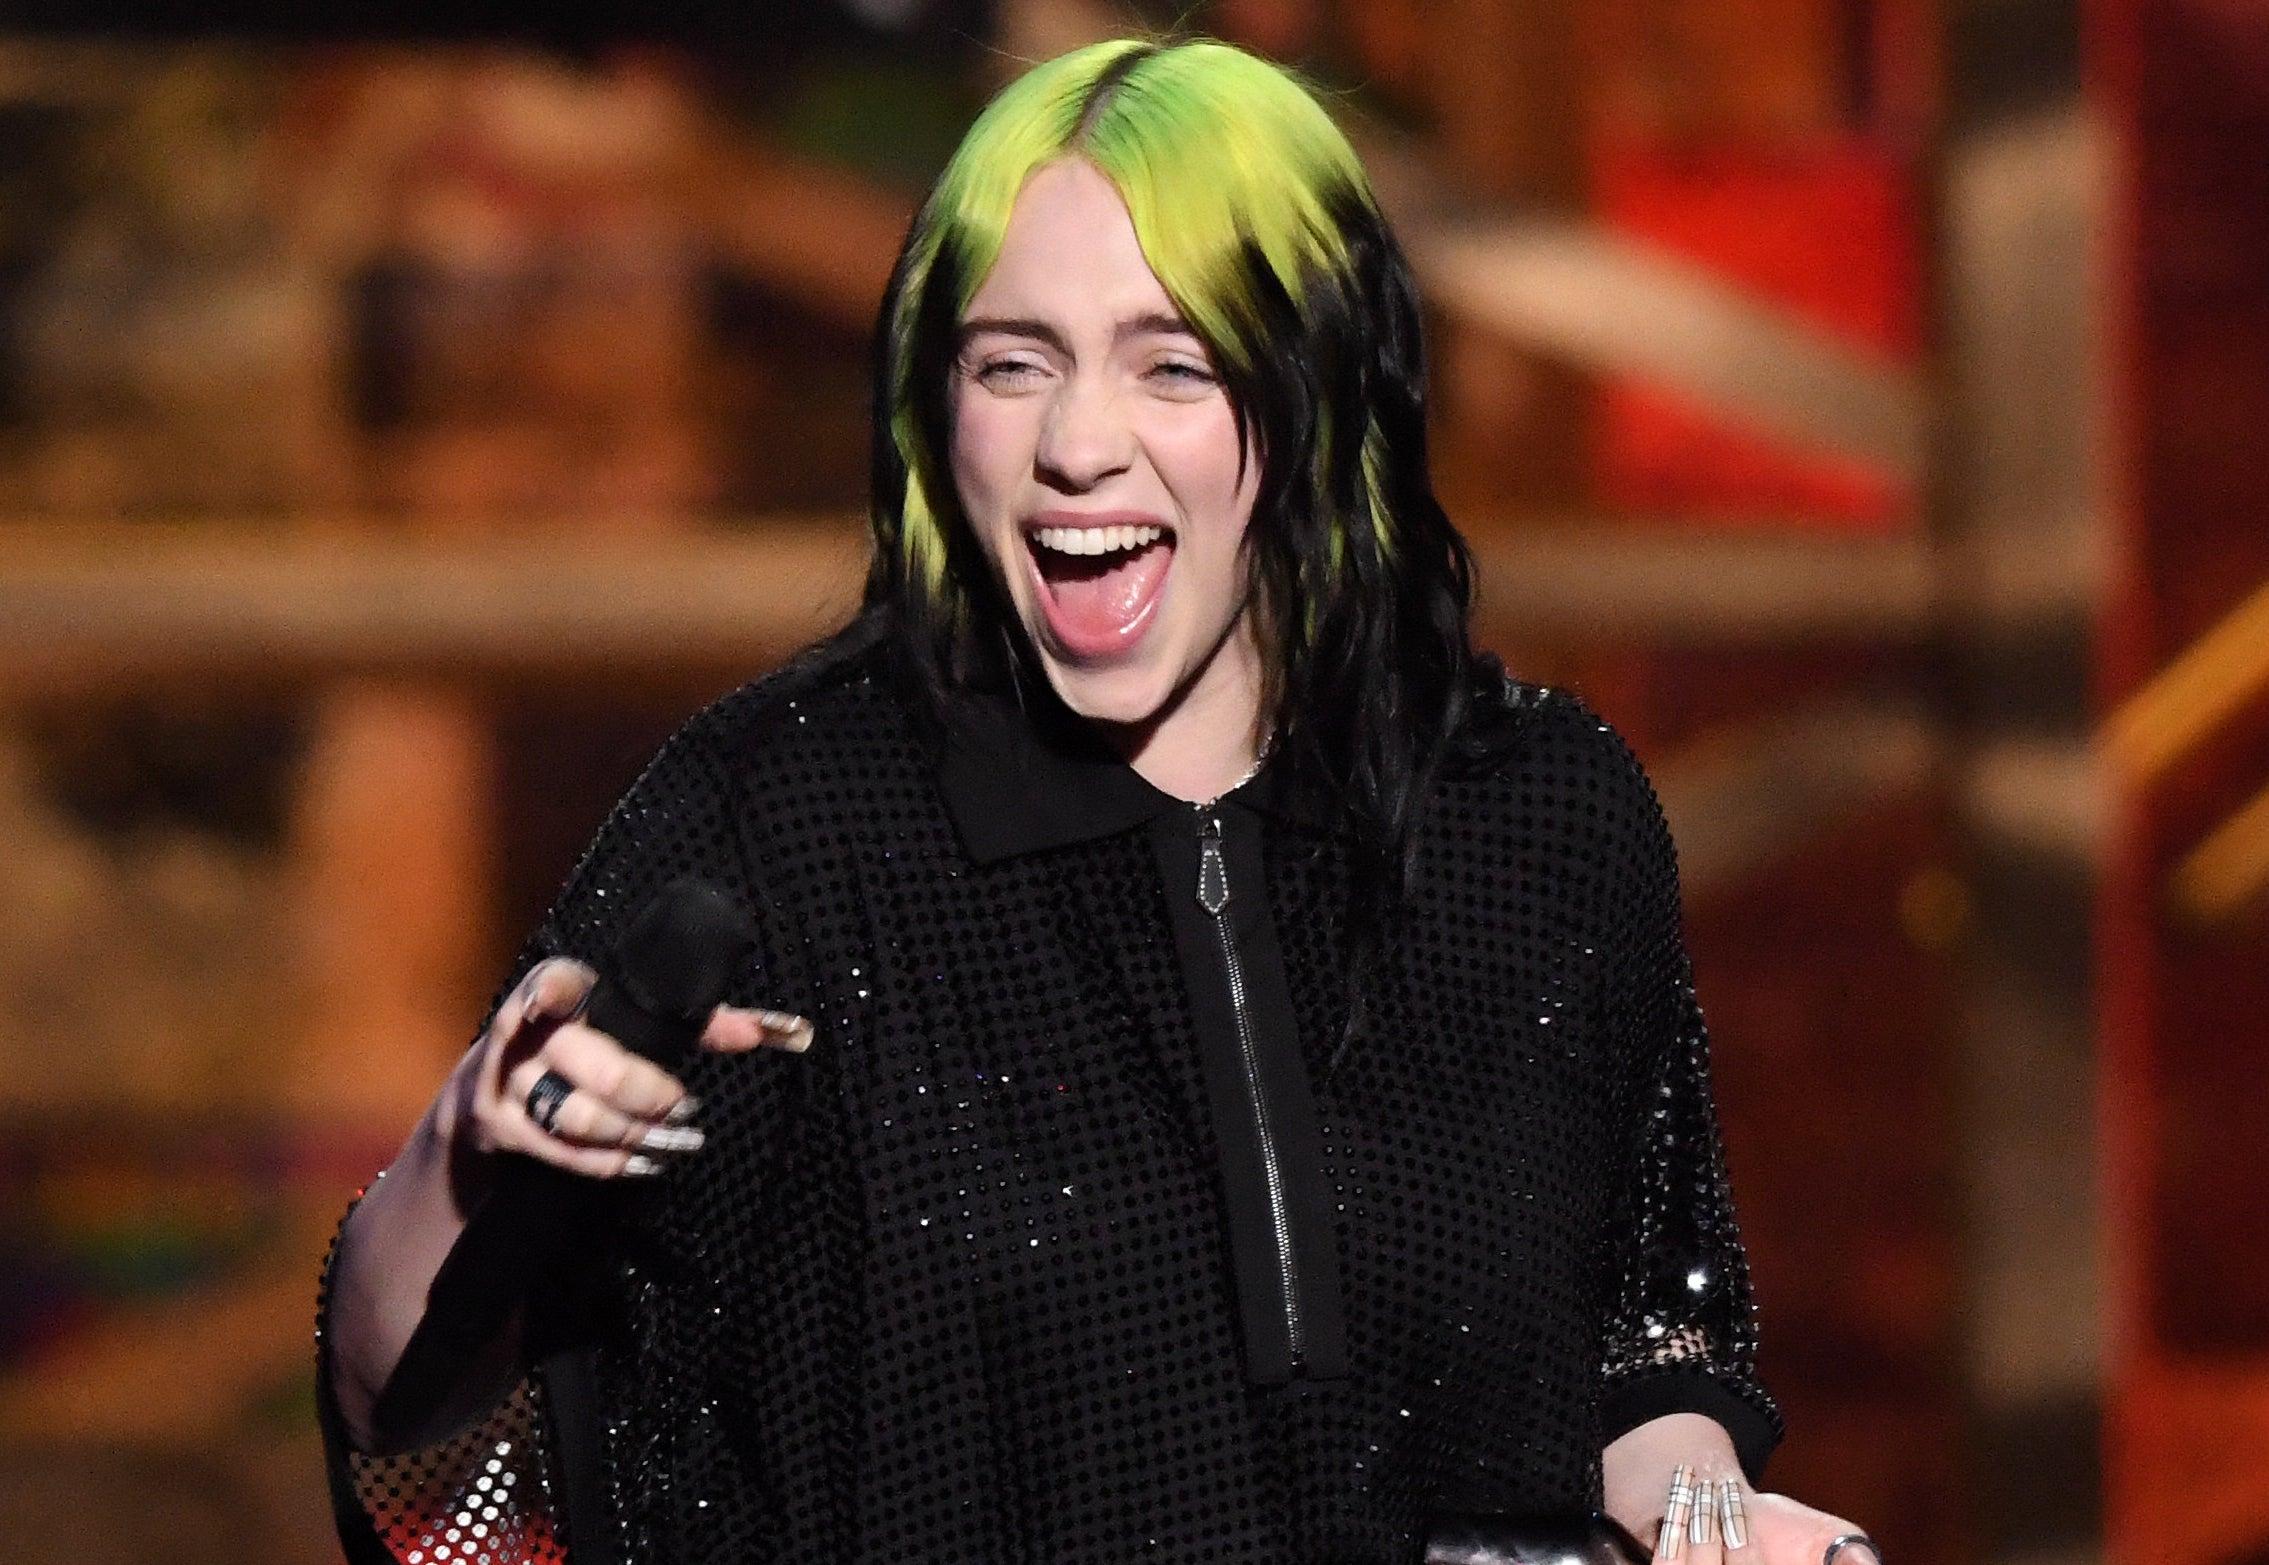 Billie screams onstage